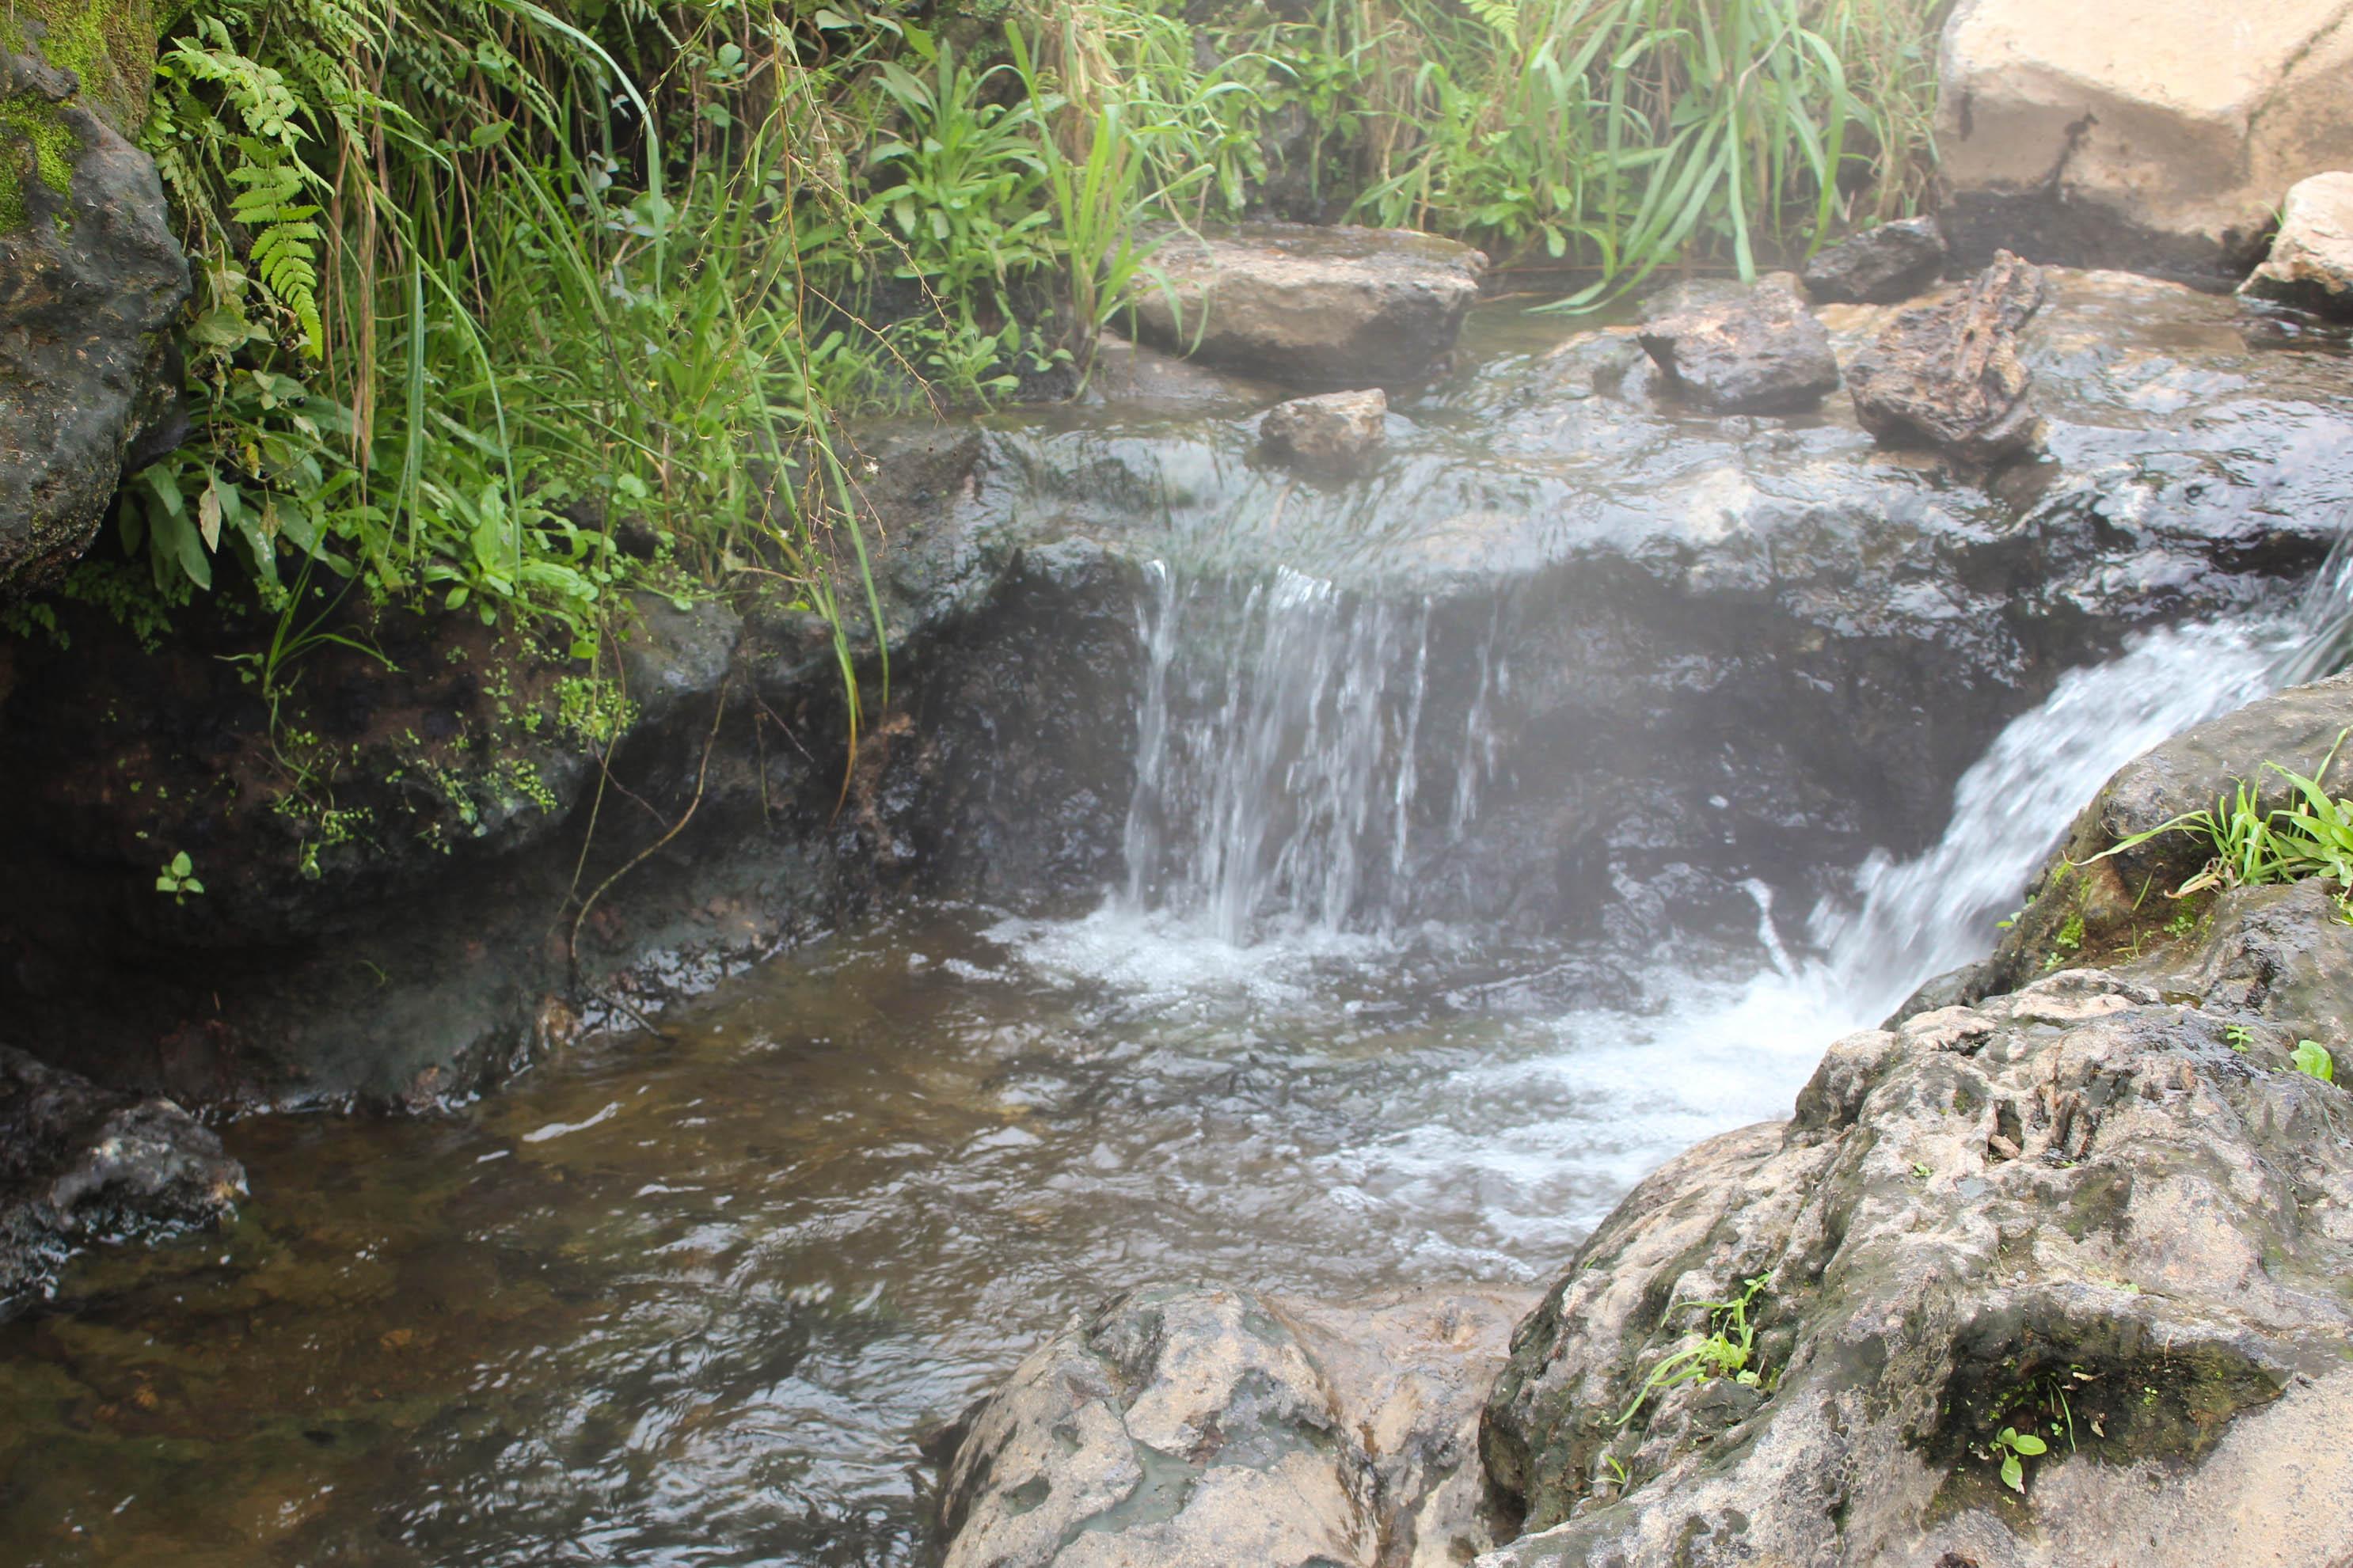 Nouvelle Zélande - Huka falls et lac taupo - Les lubies de louise (7 sur 18)